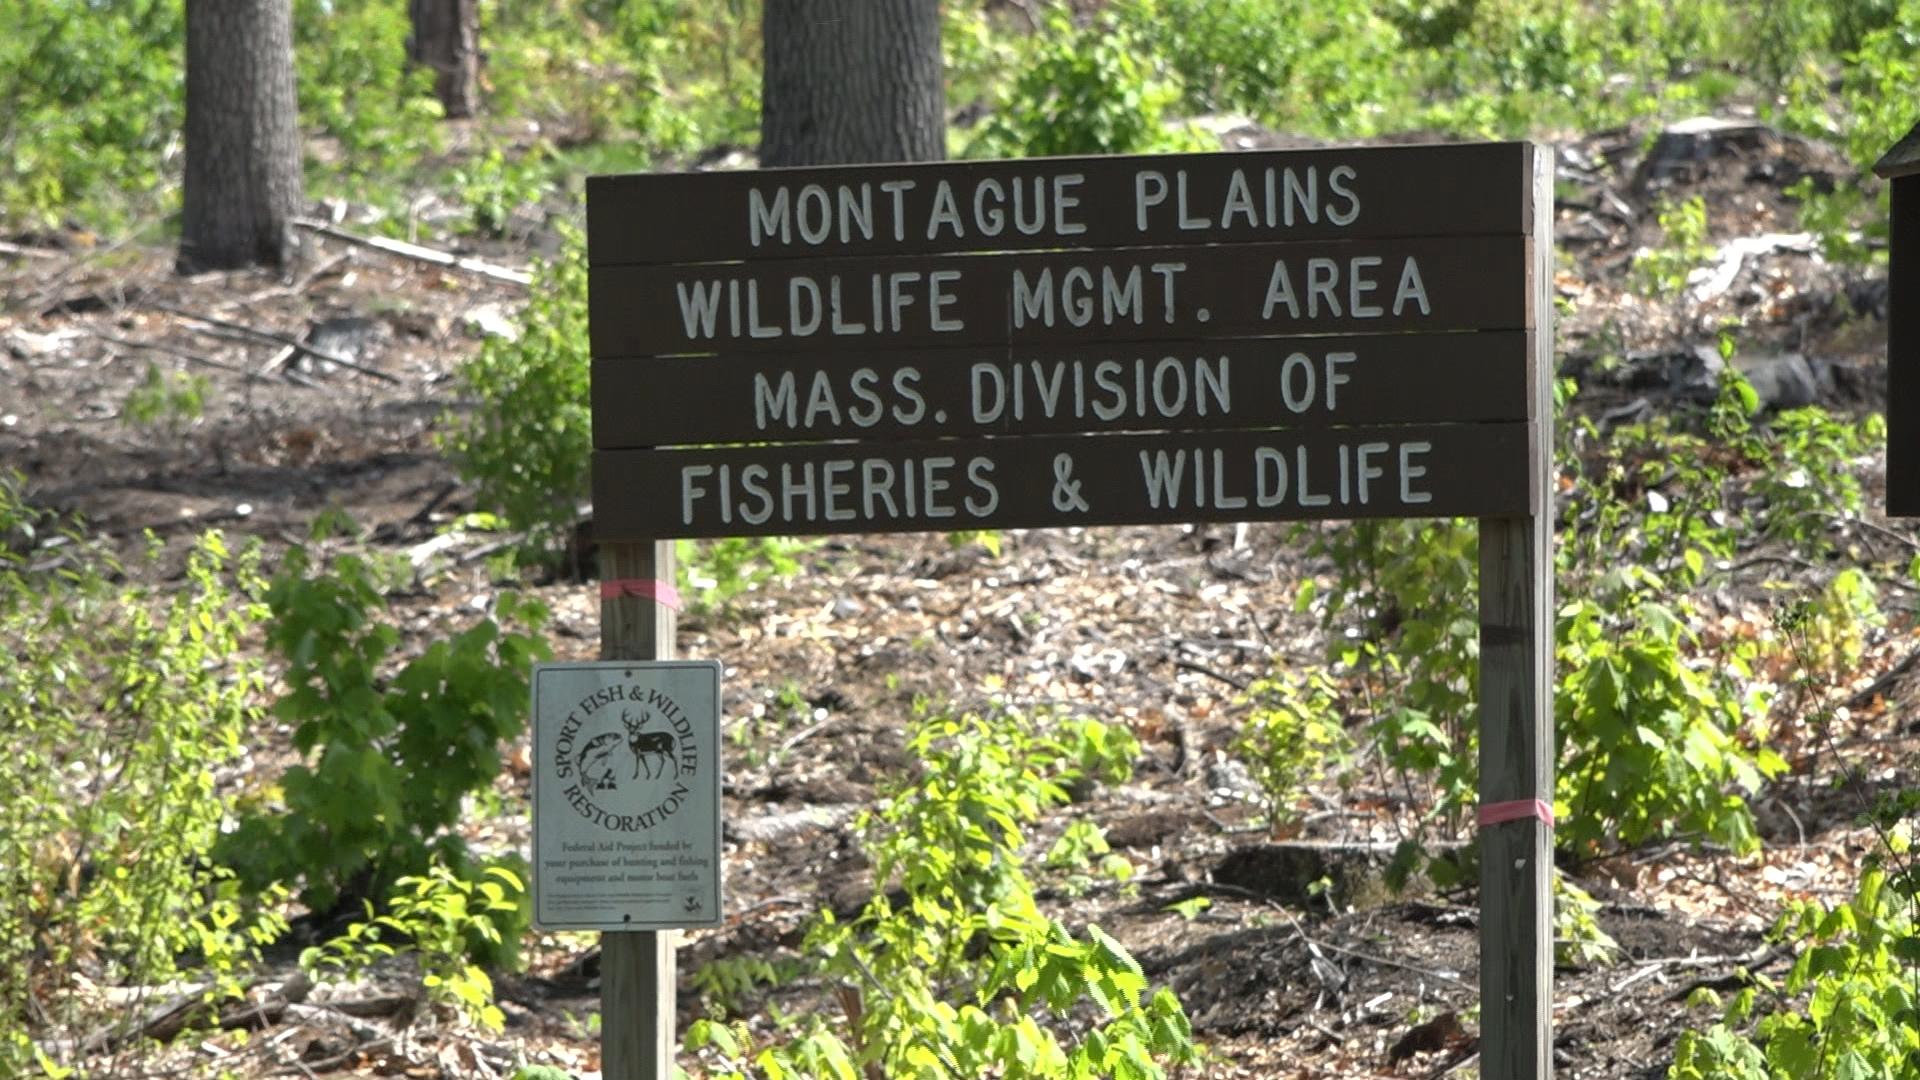 Montague Plains Wildlife Management Area